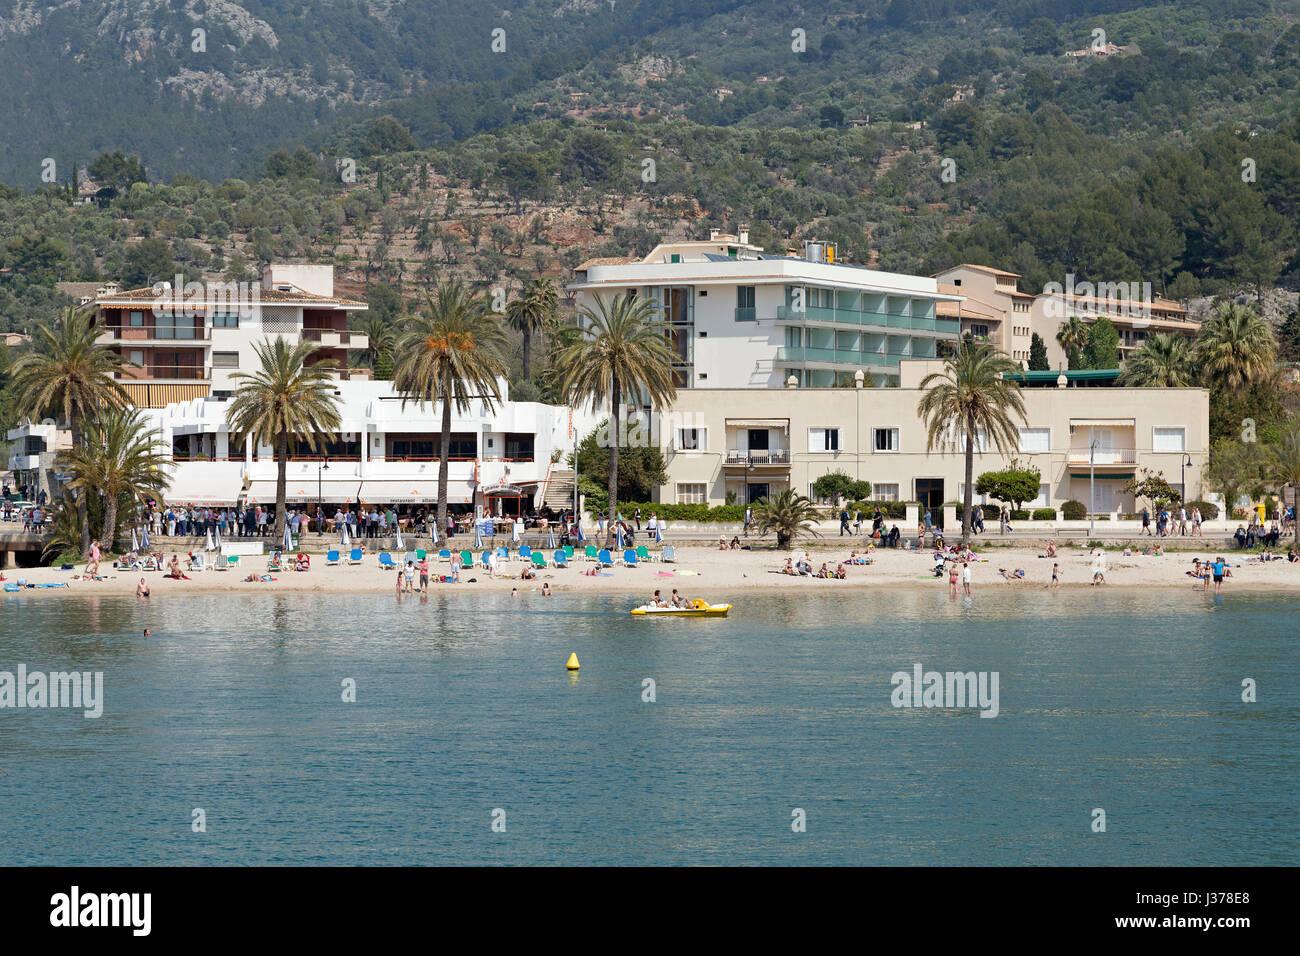 Plage à Port de Soller, Majorque, Espagne Photo Stock